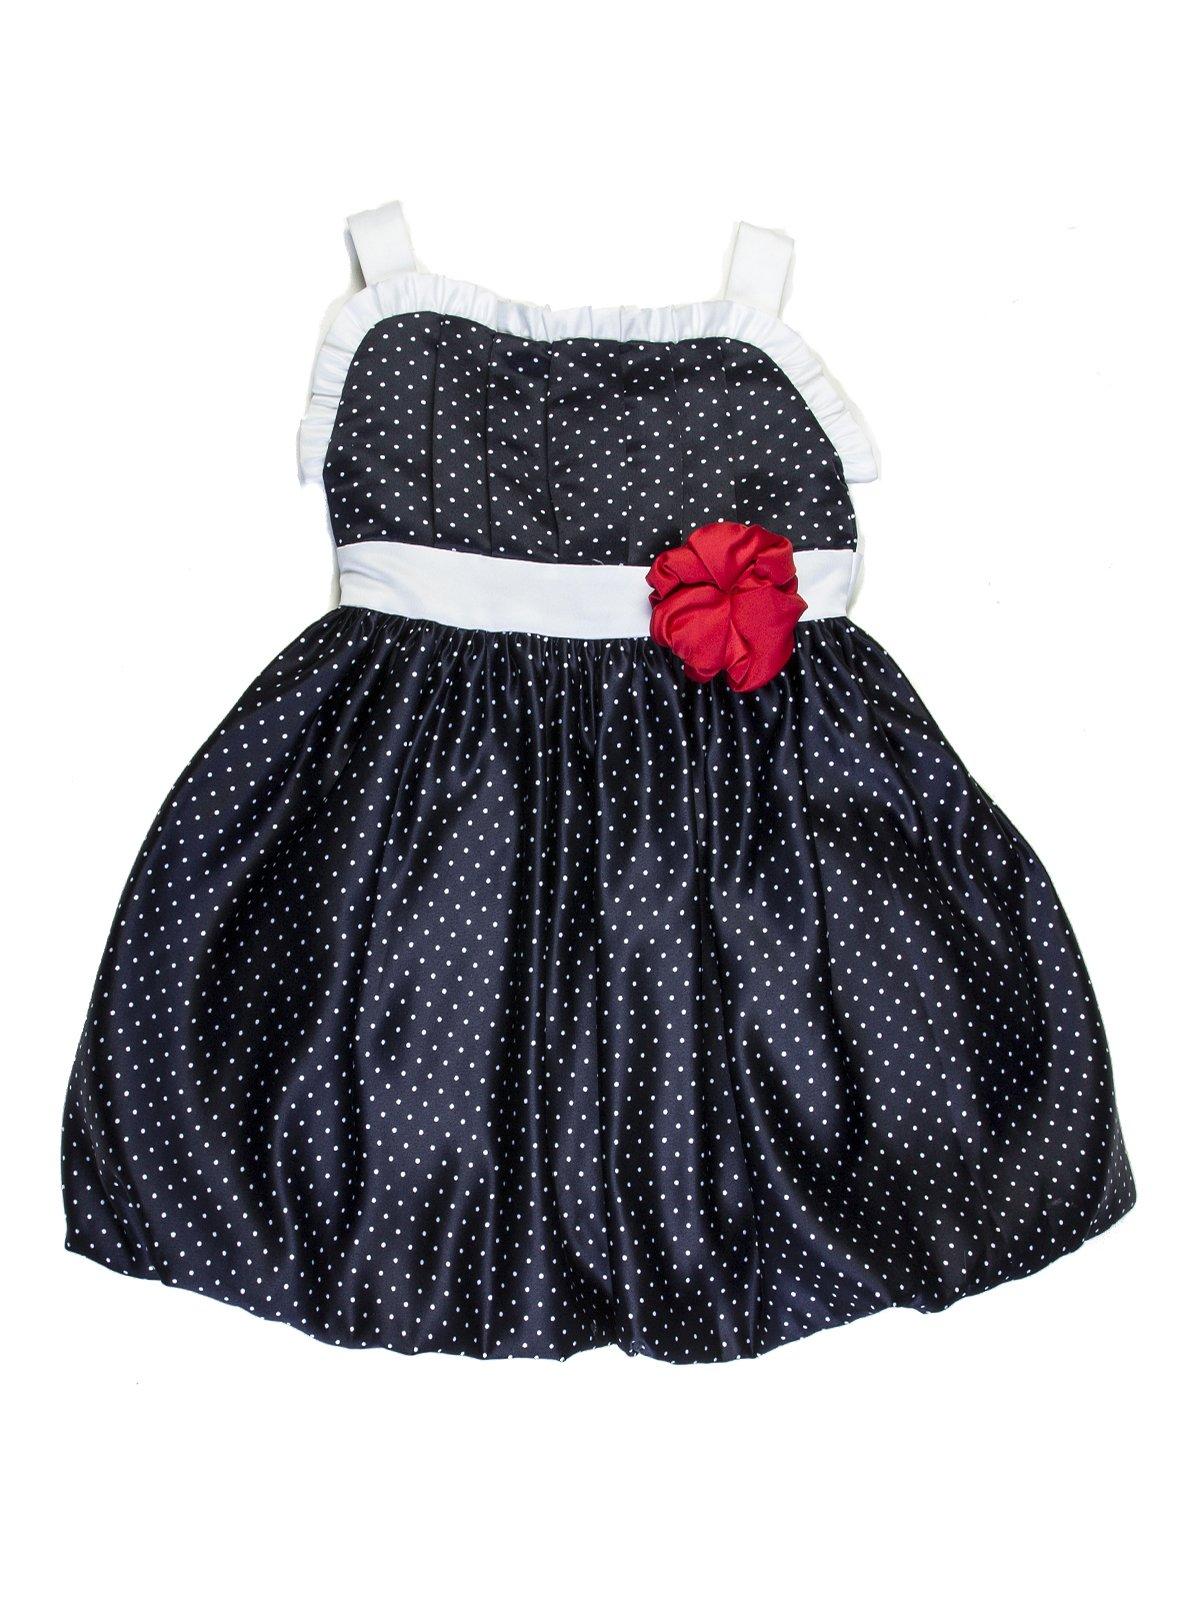 Платье темно-синее в горох с рюшами и декоративным цветком   727772